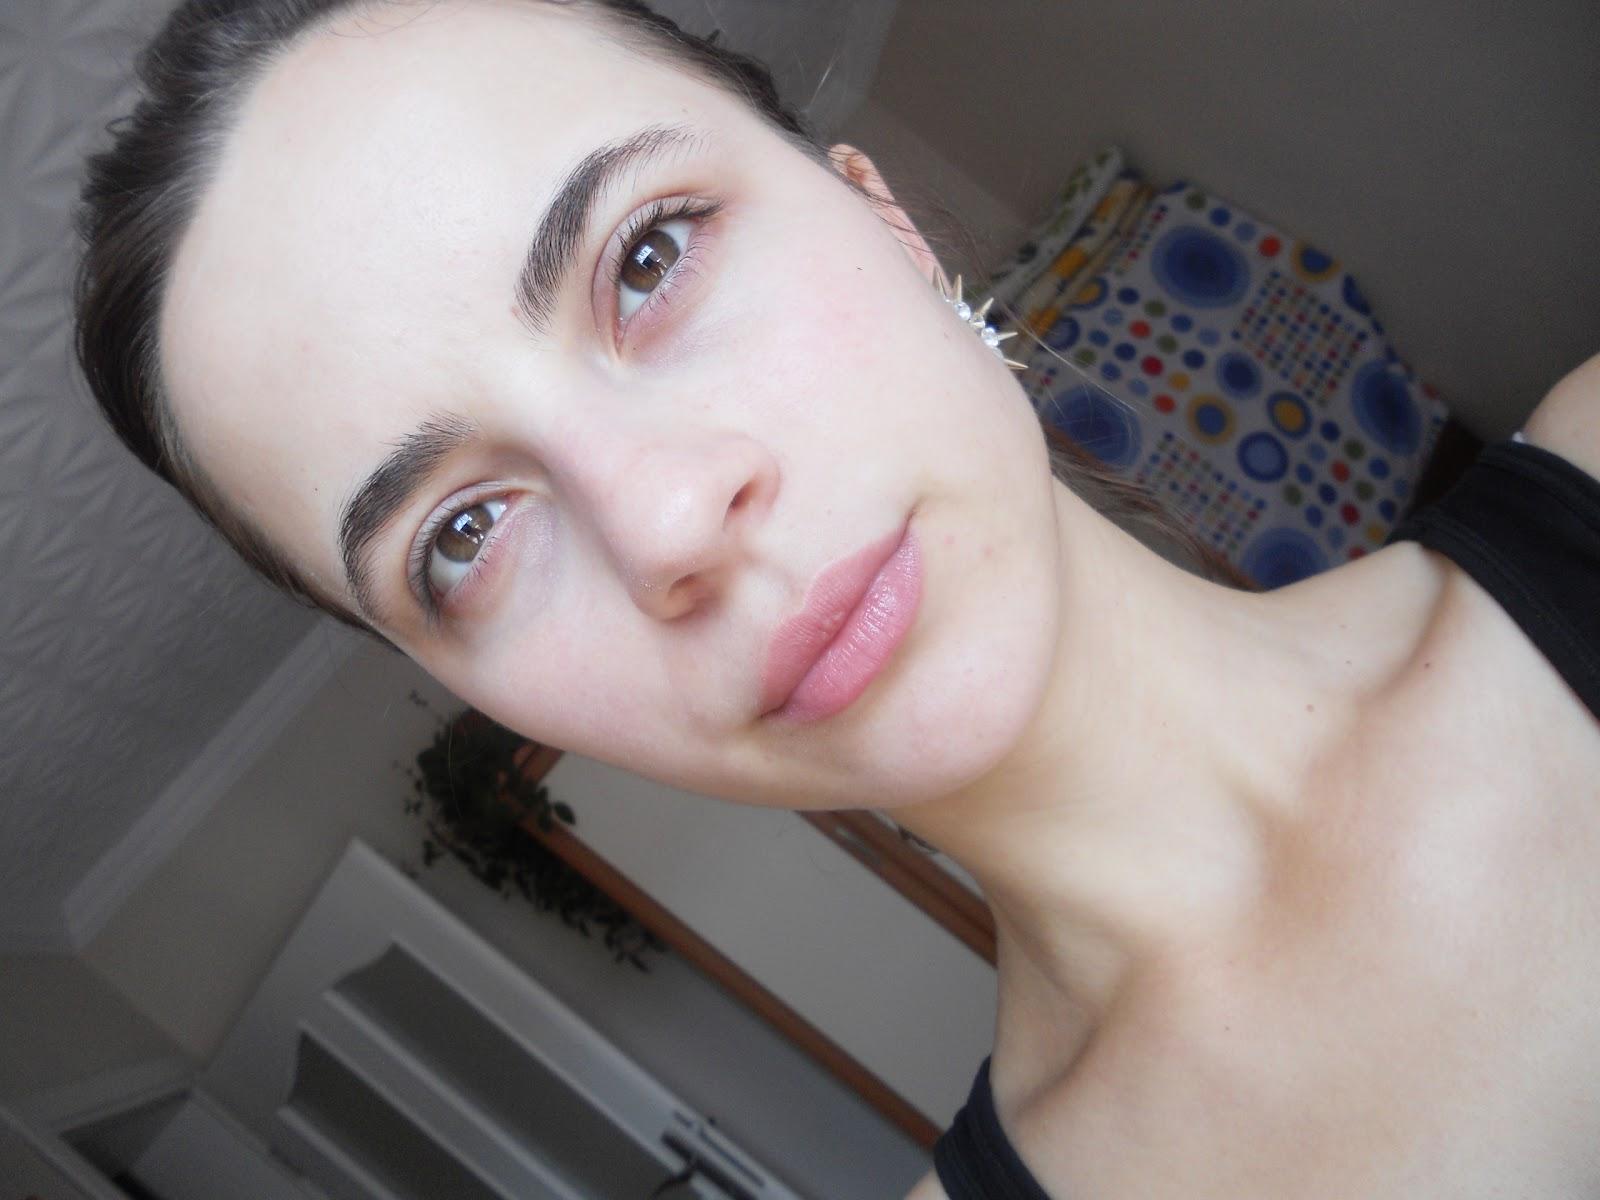 Loreal-Skin-Perfection-Serisinin-Cilde-Etkileri